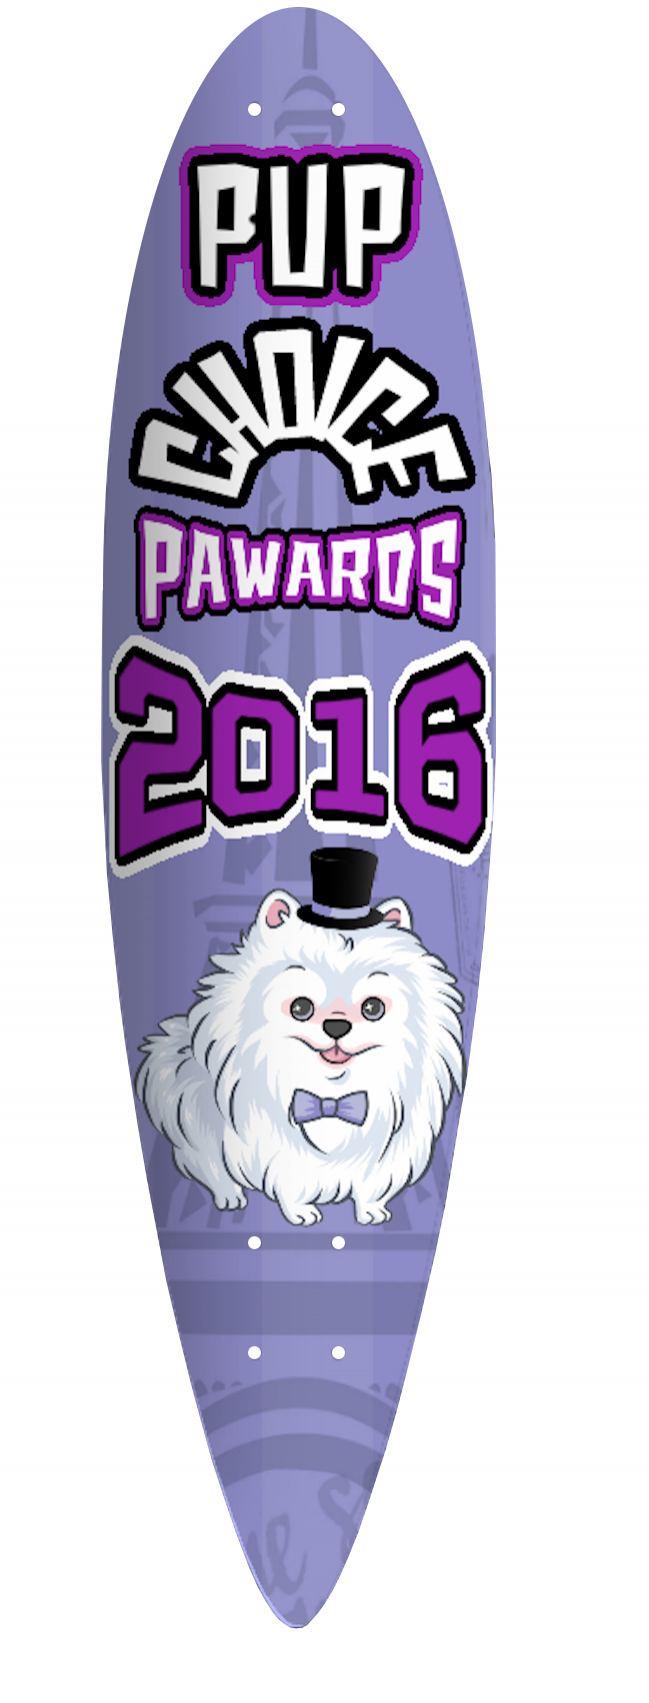 2016 Pup Choice Skateboard PAWard